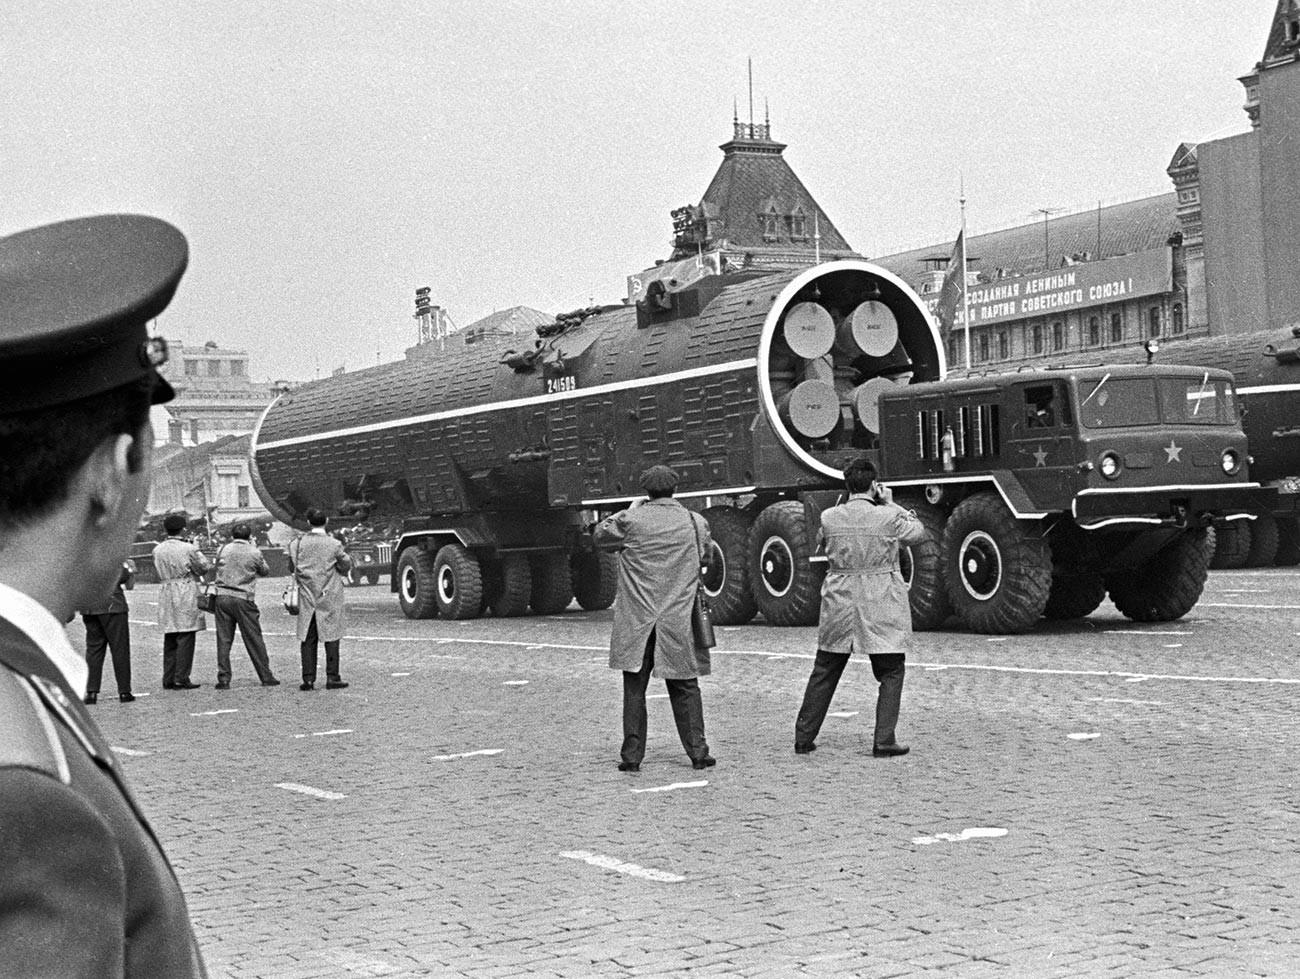 Парада на Црвениот плоштад по повод 20-годишнината од победата над нацистичка Германија.